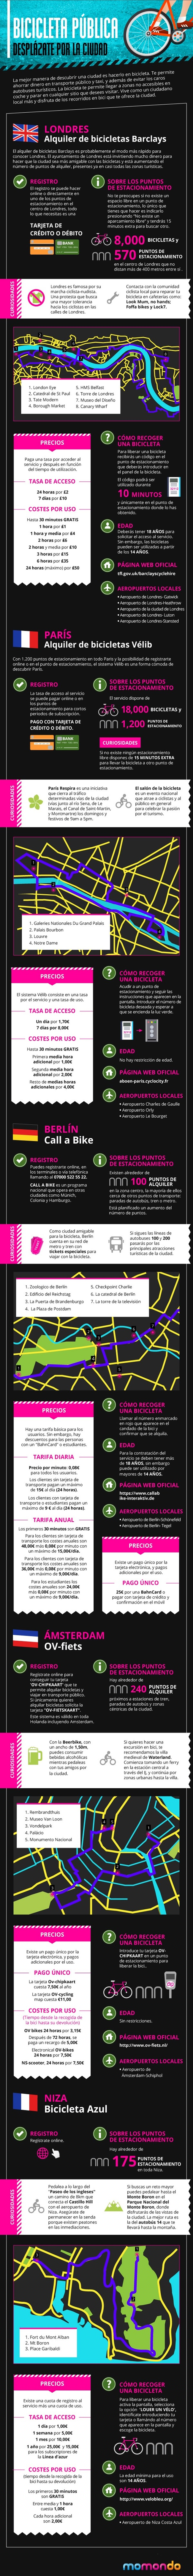 5-de-las-mejores-ciudades-para-visitar-en-bici